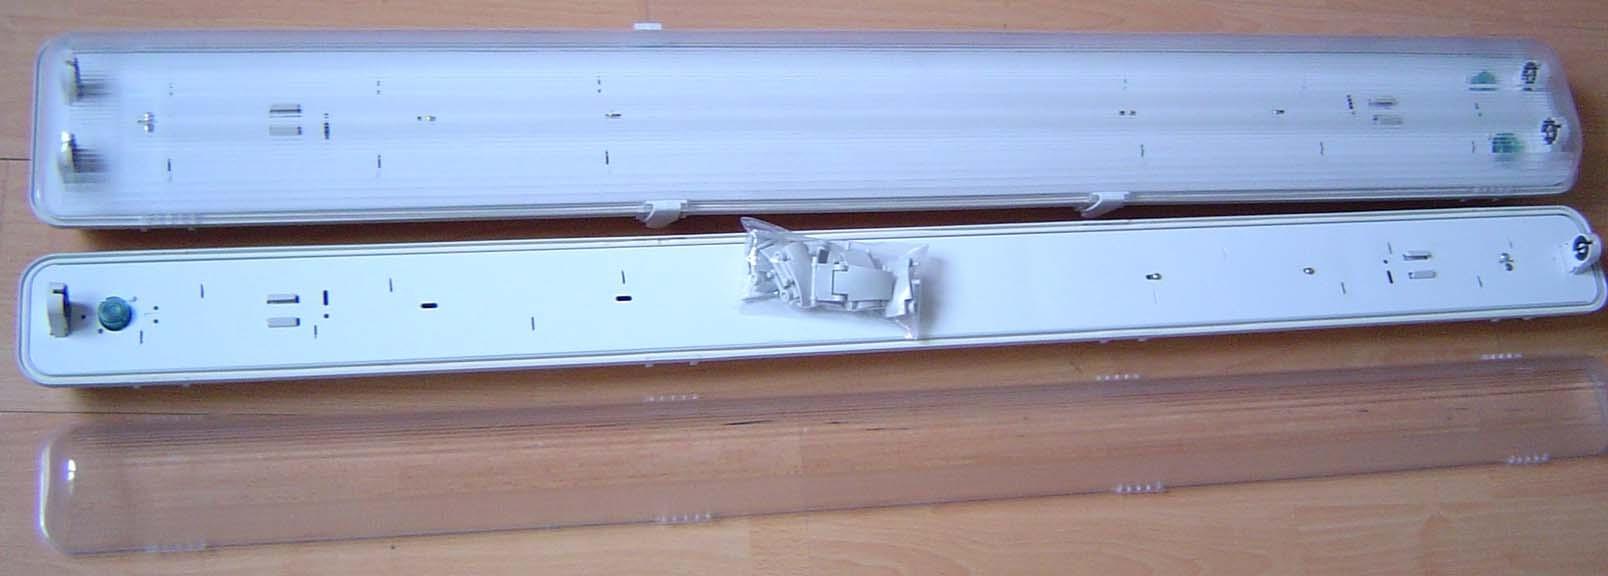 IP65 water proof fixture GS8004